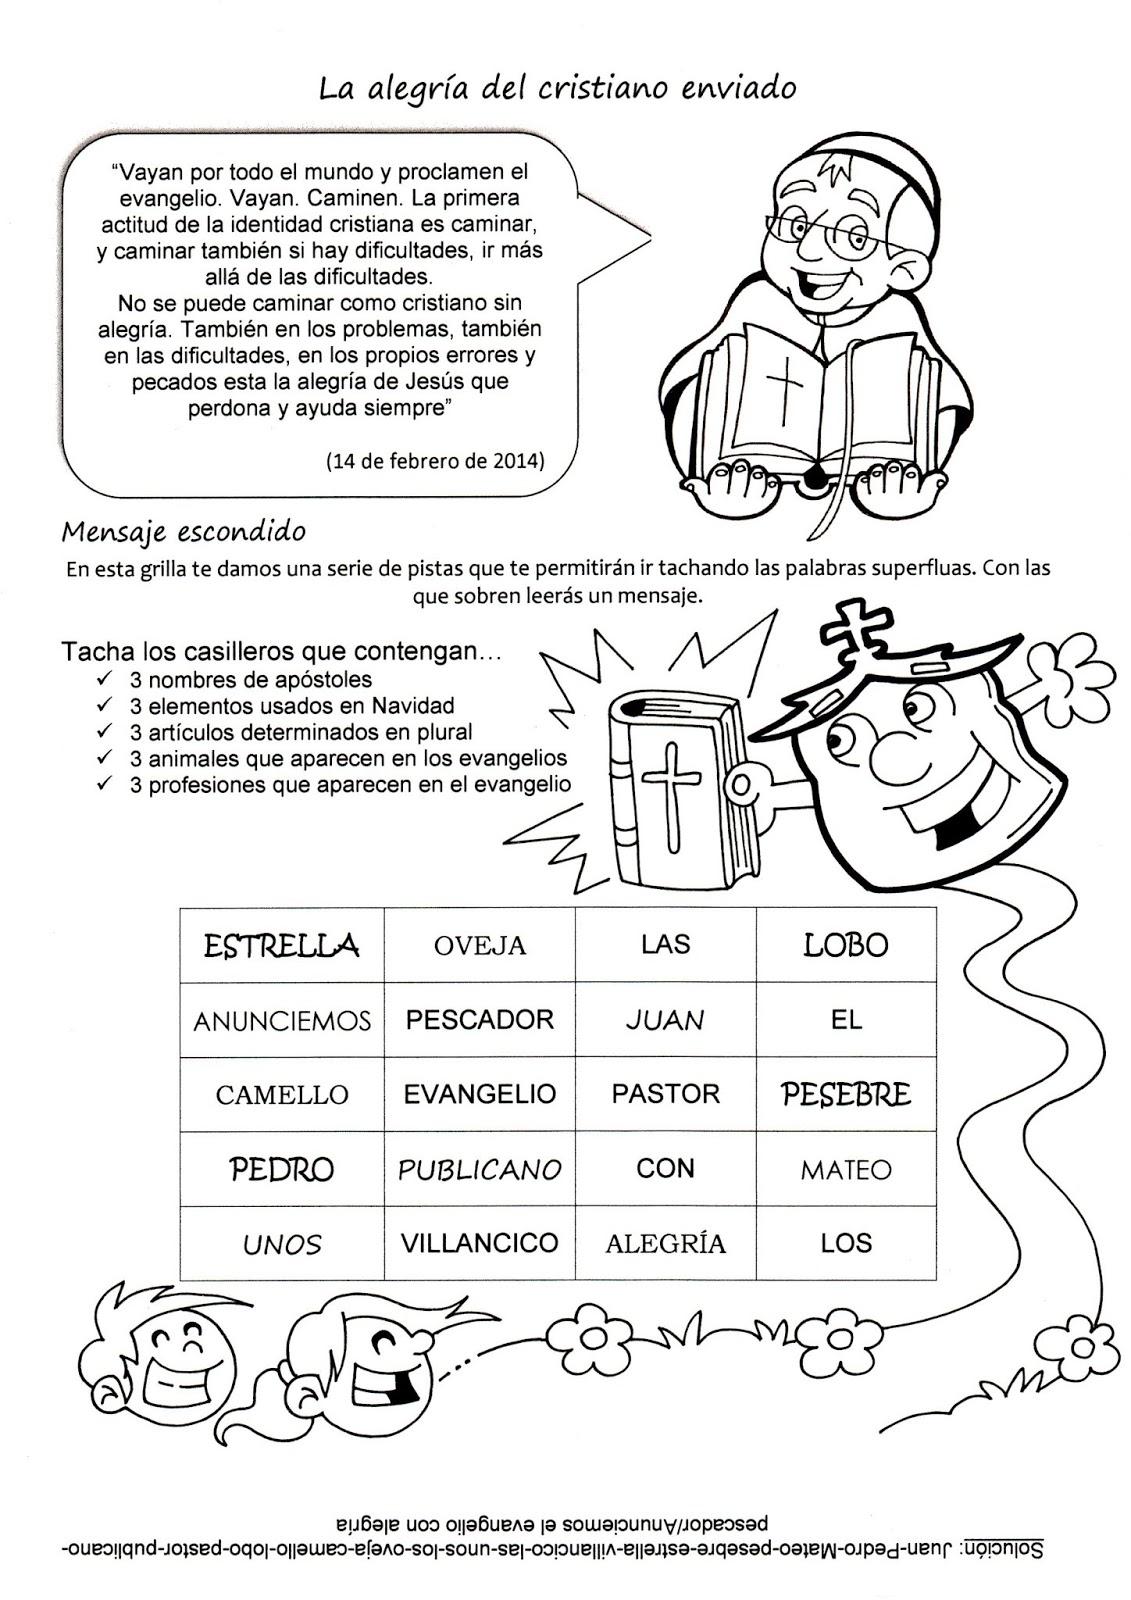 La Catequesis El Blog De Sandra Recursos Catequesis Del Papa Francisco